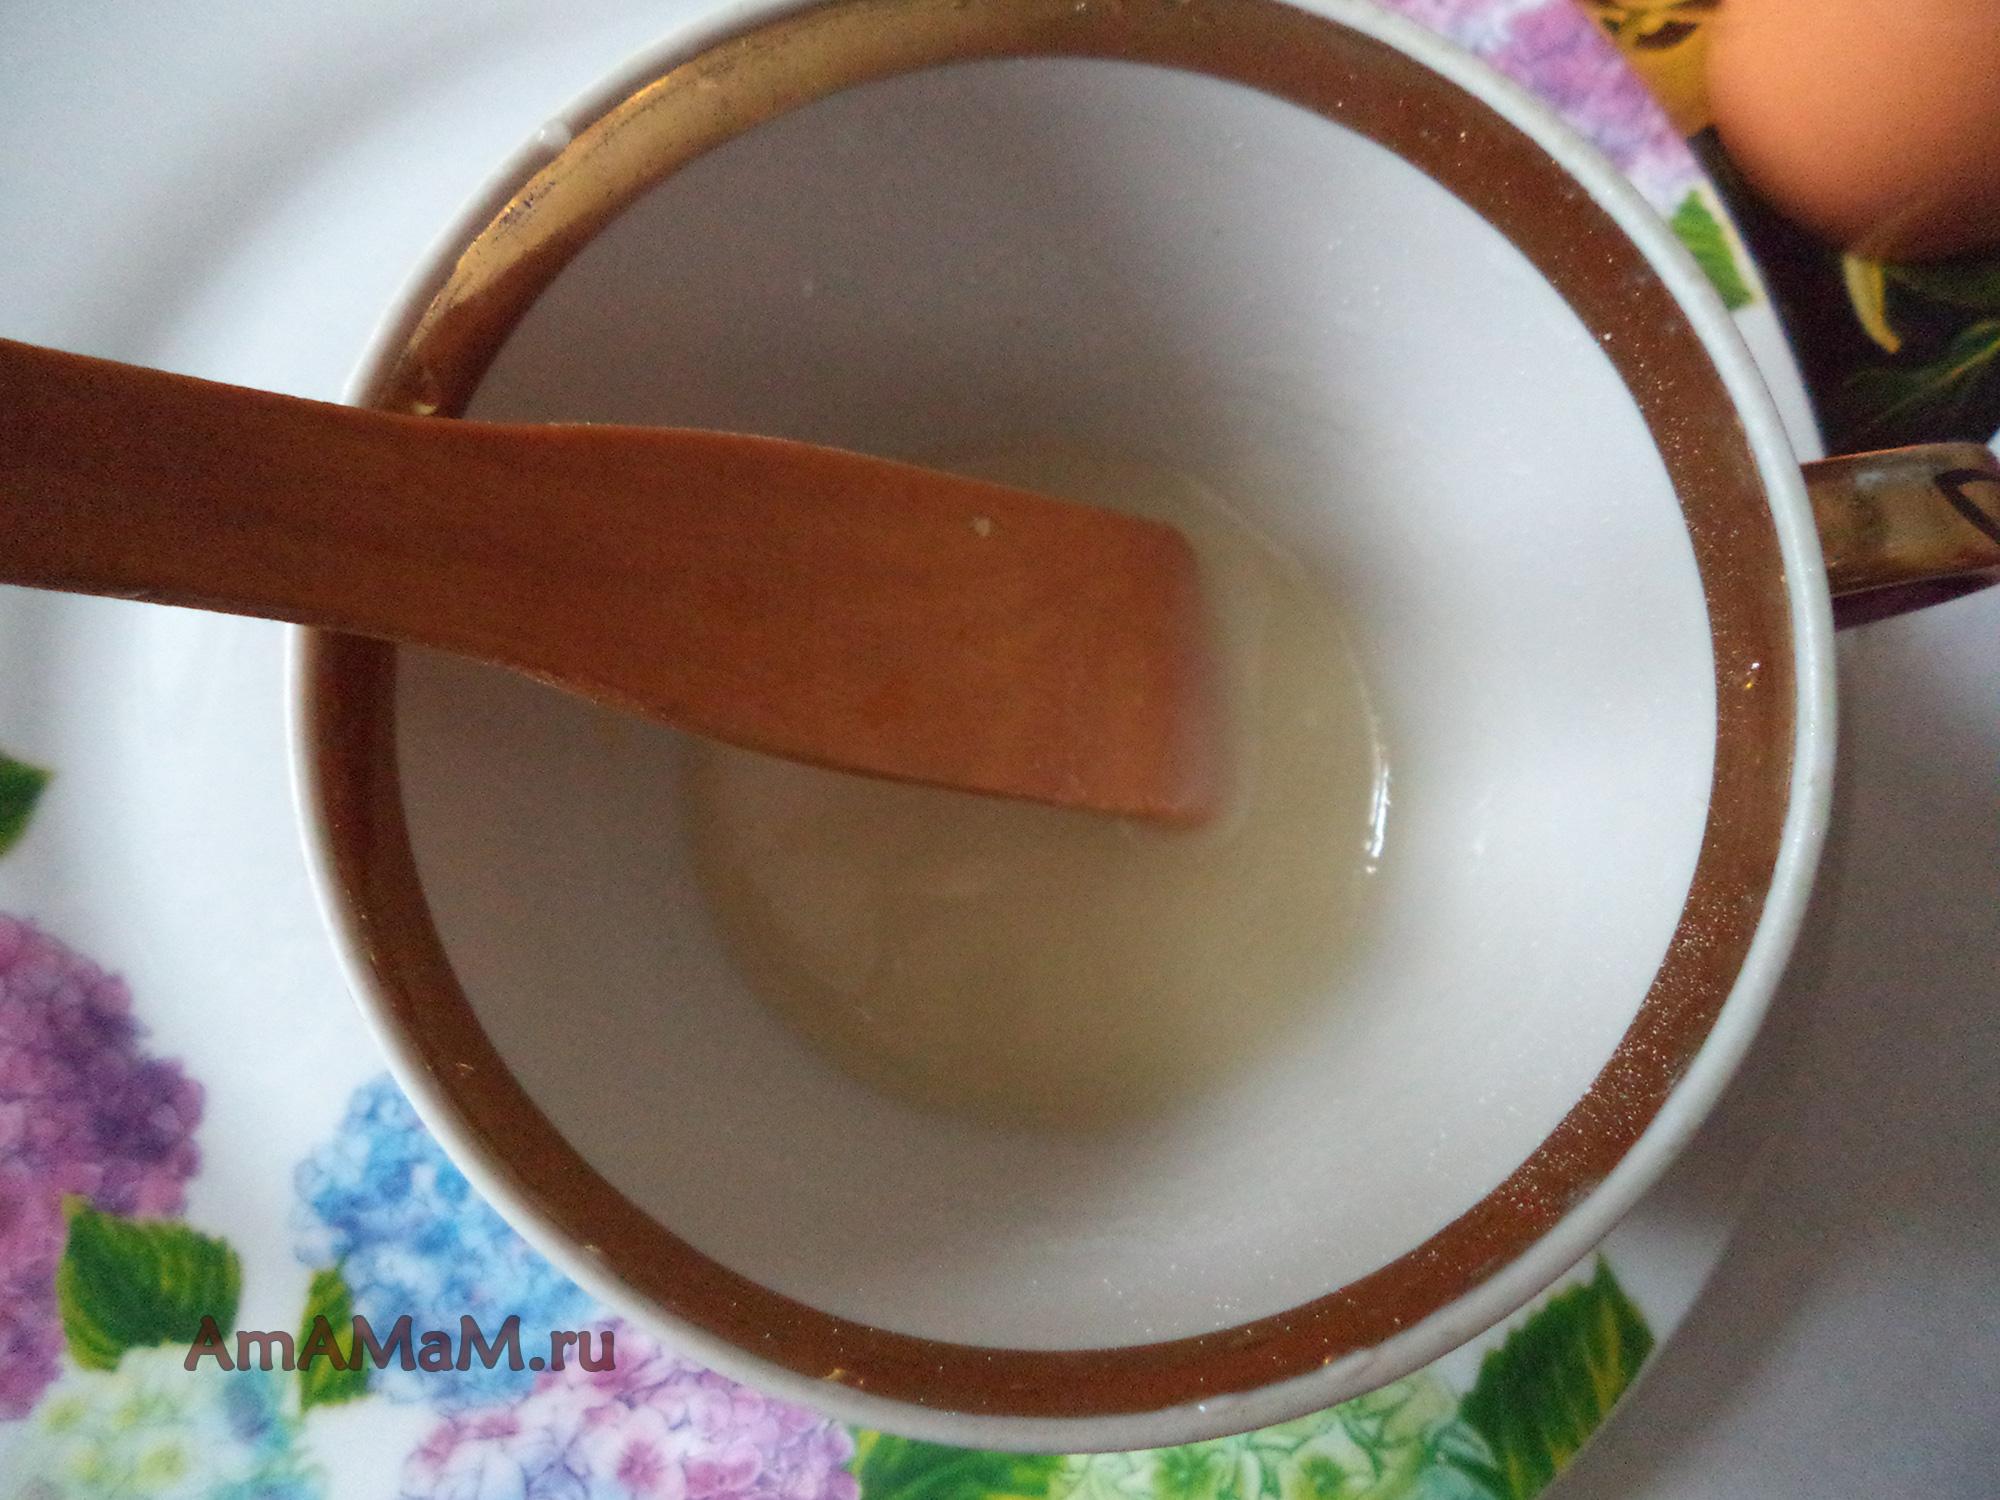 Как сделать сахарную пудру фото с рецептом